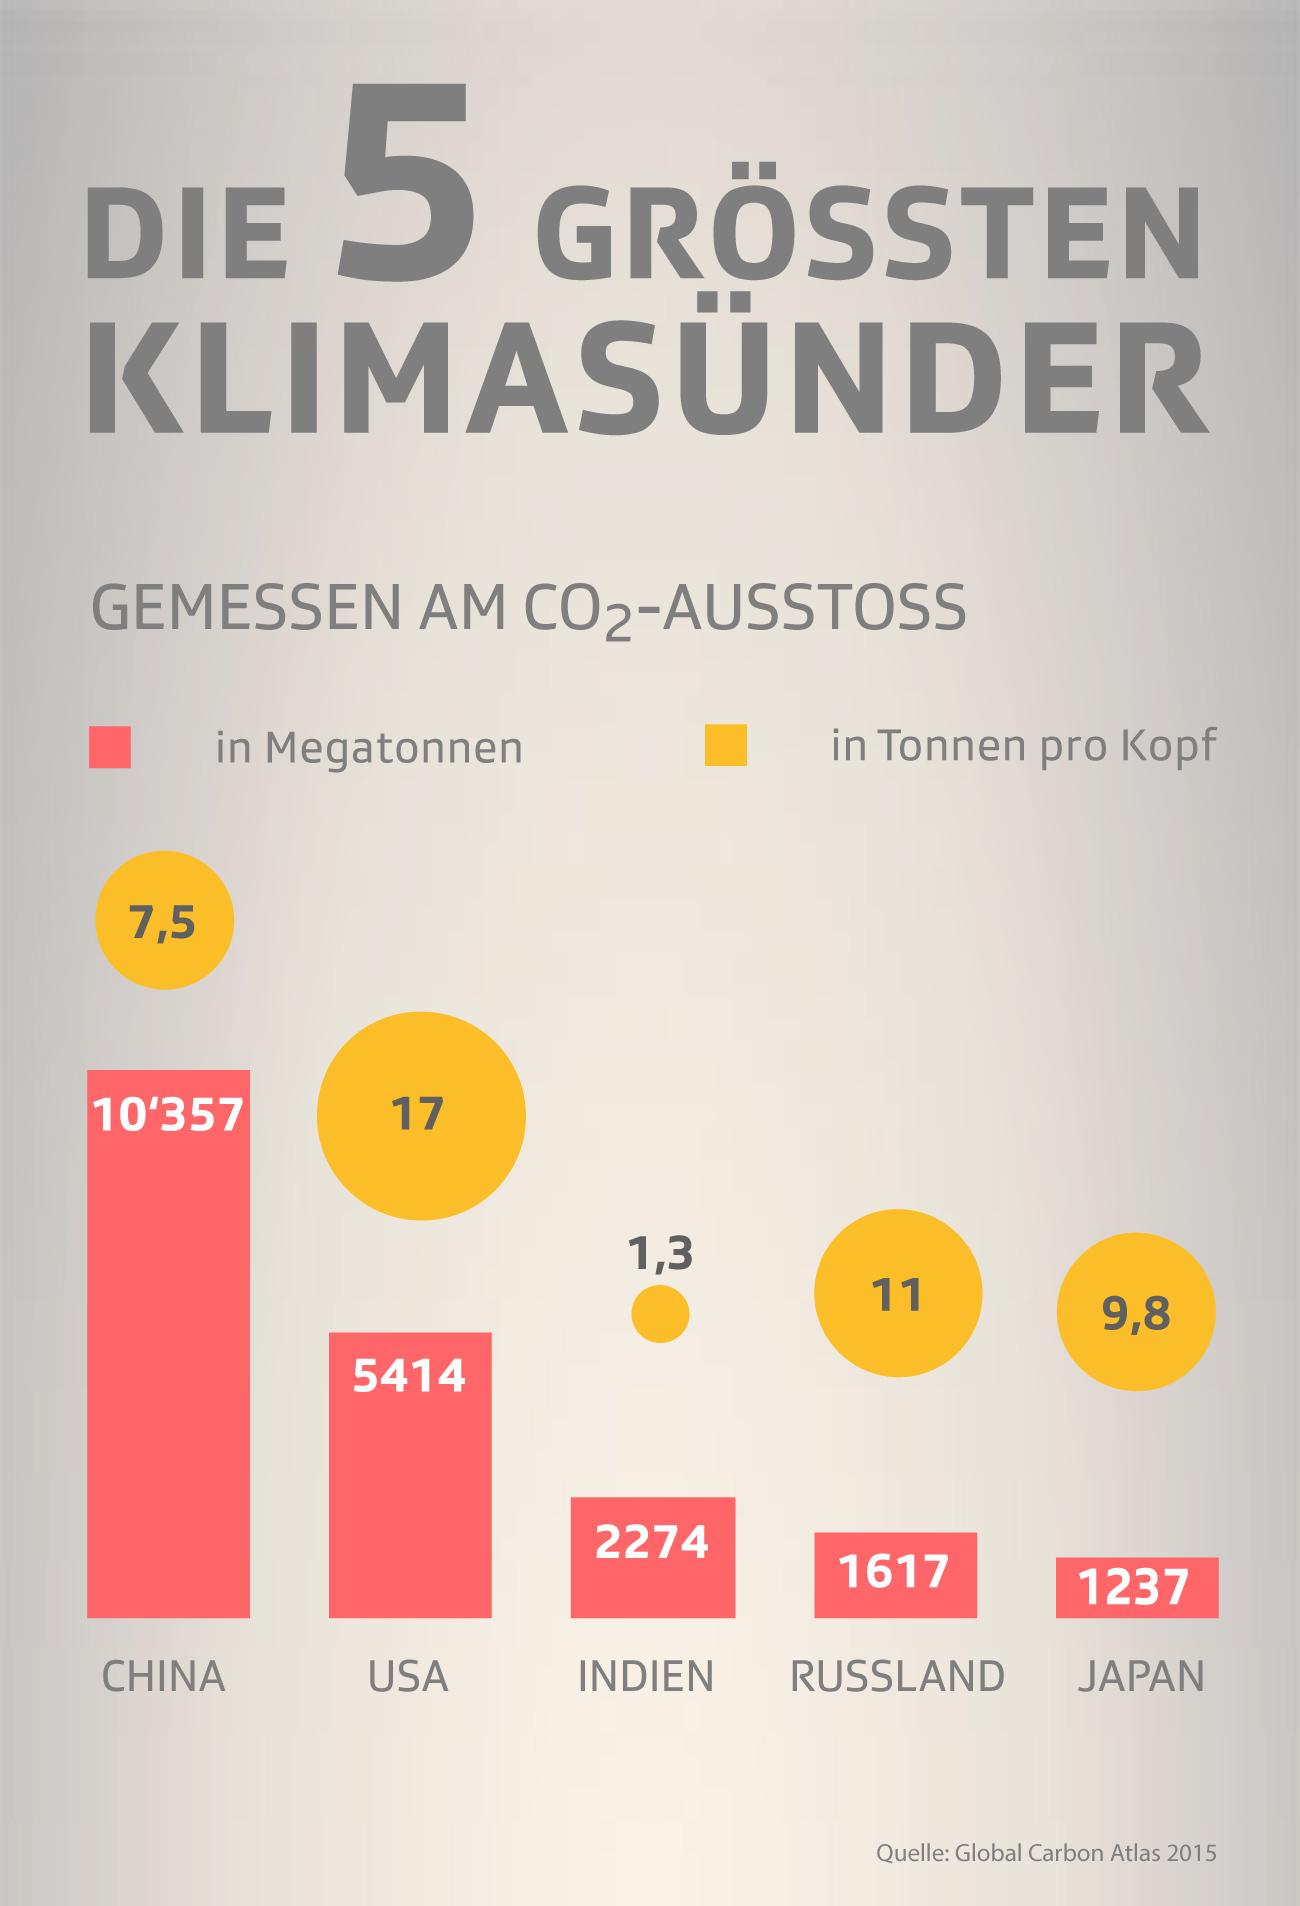 Die fünf grössten Klimasünder nach CO2-Ausstoss